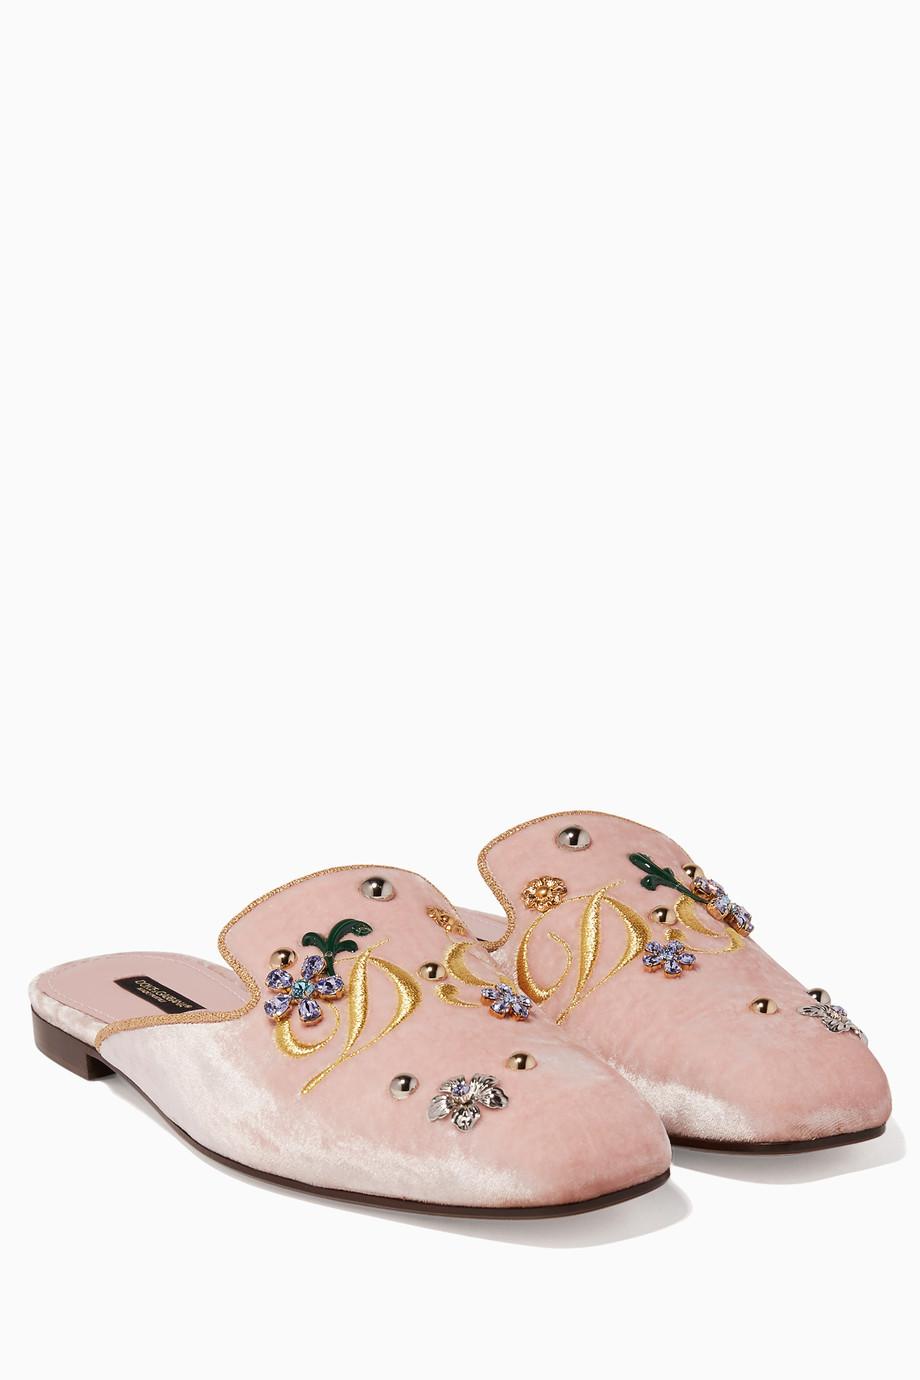 f6d39f7b65 Shop Dolce & Gabbana Pink Light Pink Jackie Velvet Embroidered ...